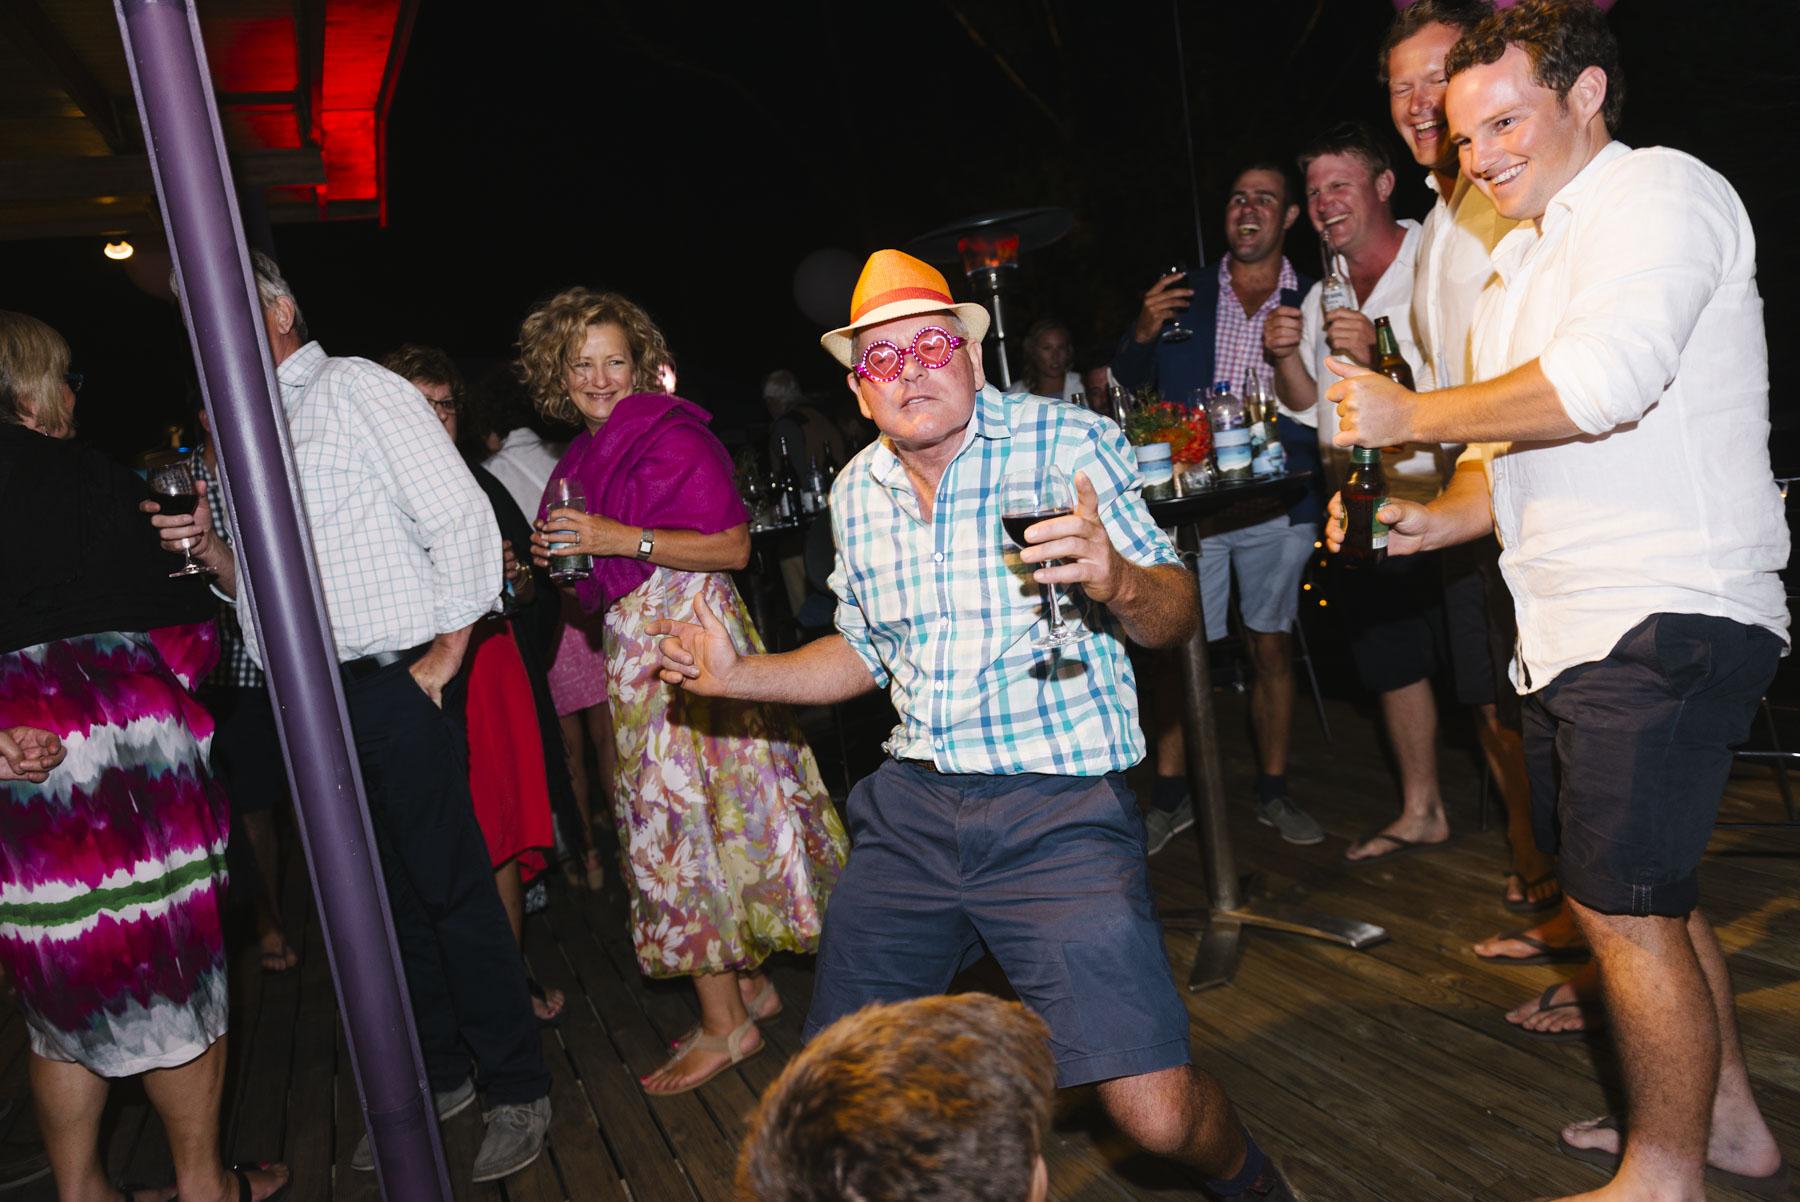 1501curchill-559alan_moyle_wedding_portrait_brighton_bayside_bay_of_fires_rustic_styled_rustic_beach_candid_documentry_binalongbay_tasmania_destination.jpg